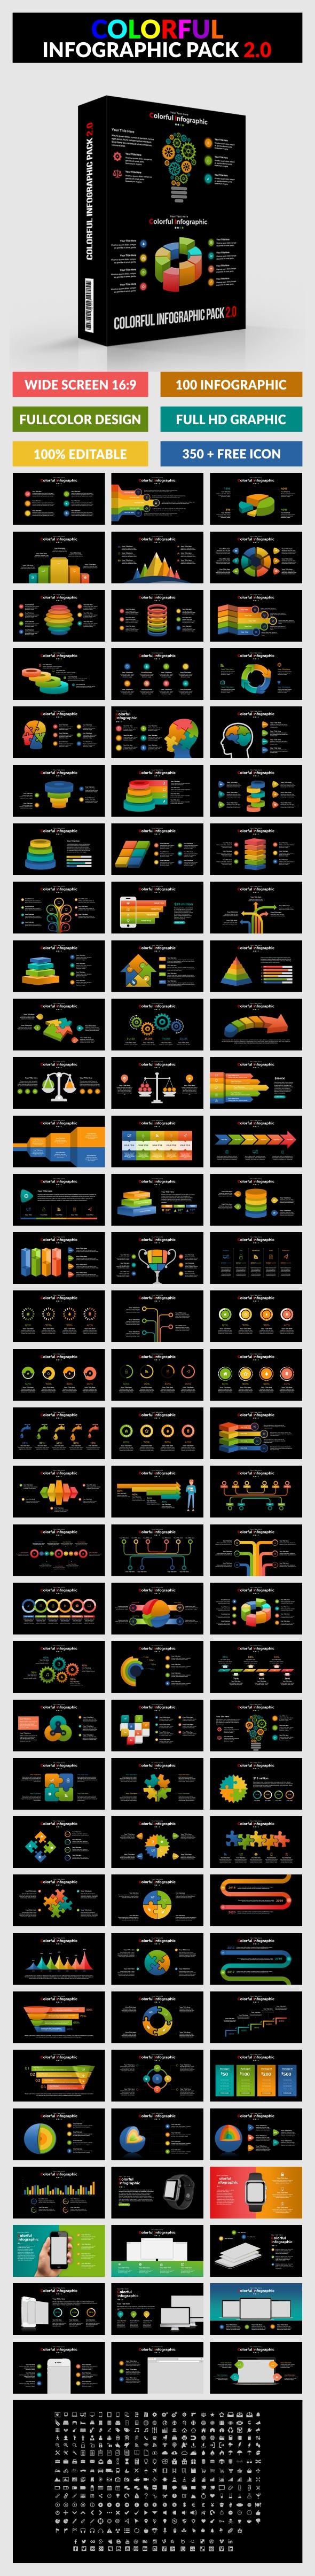 Colorful Infographic Pack 2.0 - Google Slide - Google Slides Presentation Templates